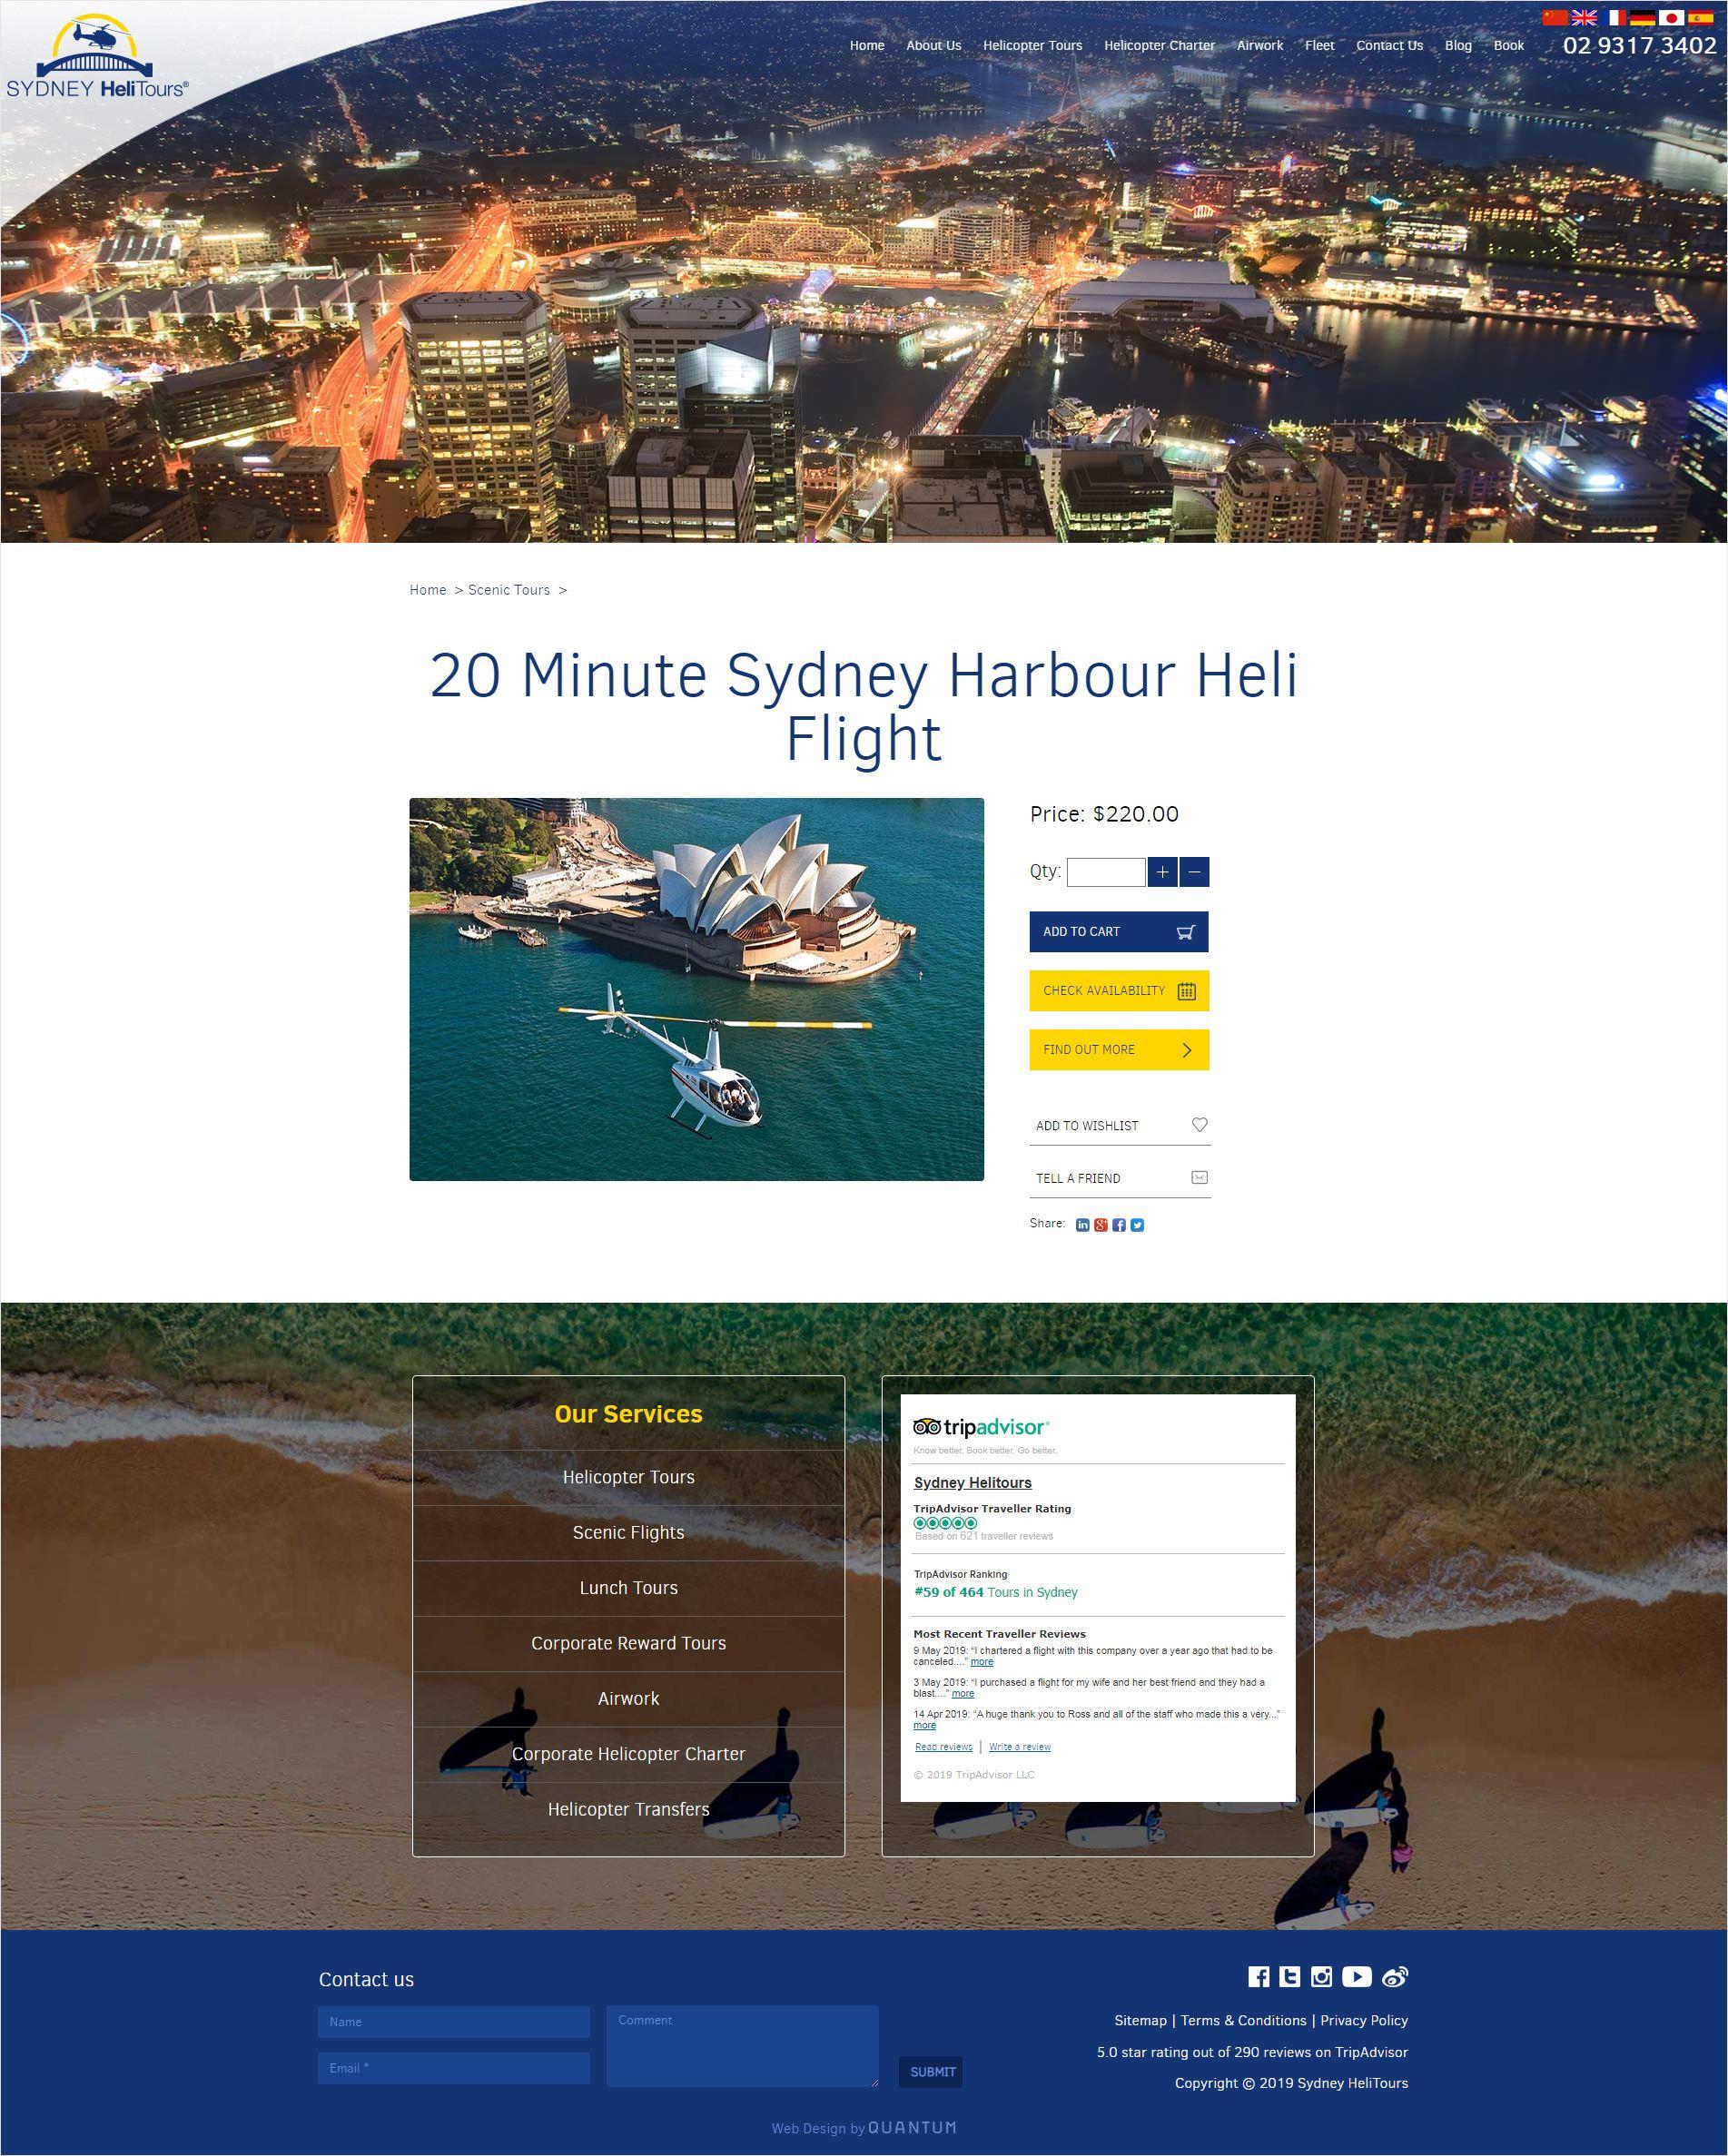 Sydney Helitours Book a Tour